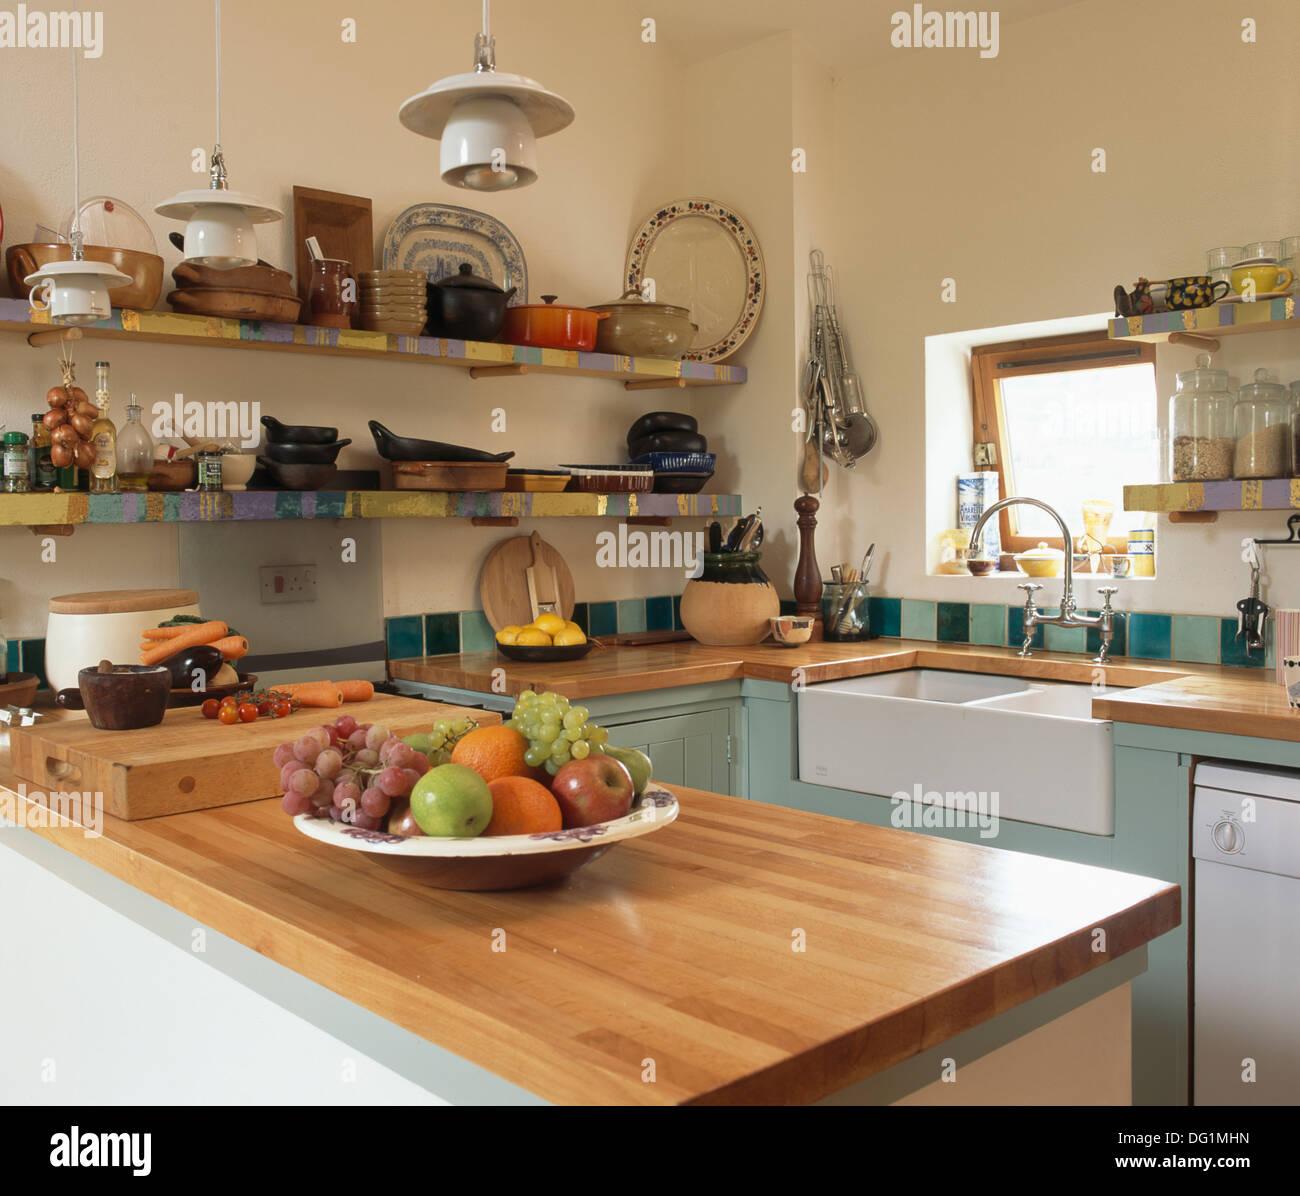 Kirschbaum Holz Arbeitsplatte in kleine Landhaus-Küche mit Spüle und ...